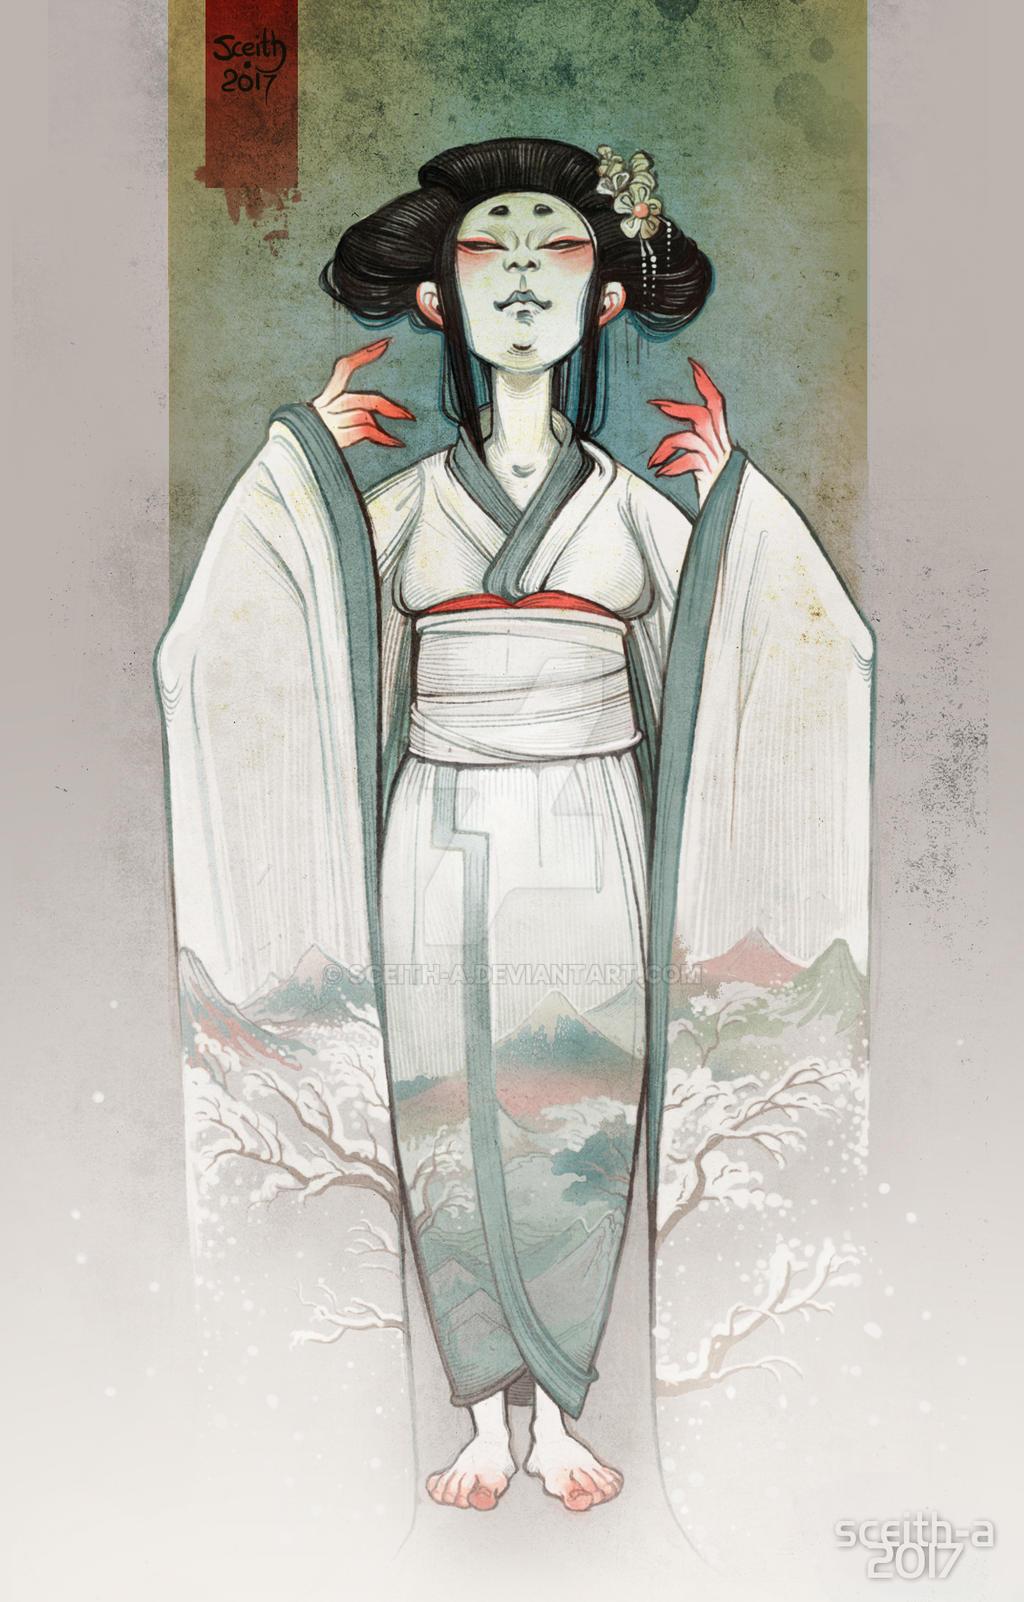 Yuki-onna by Sceith-A